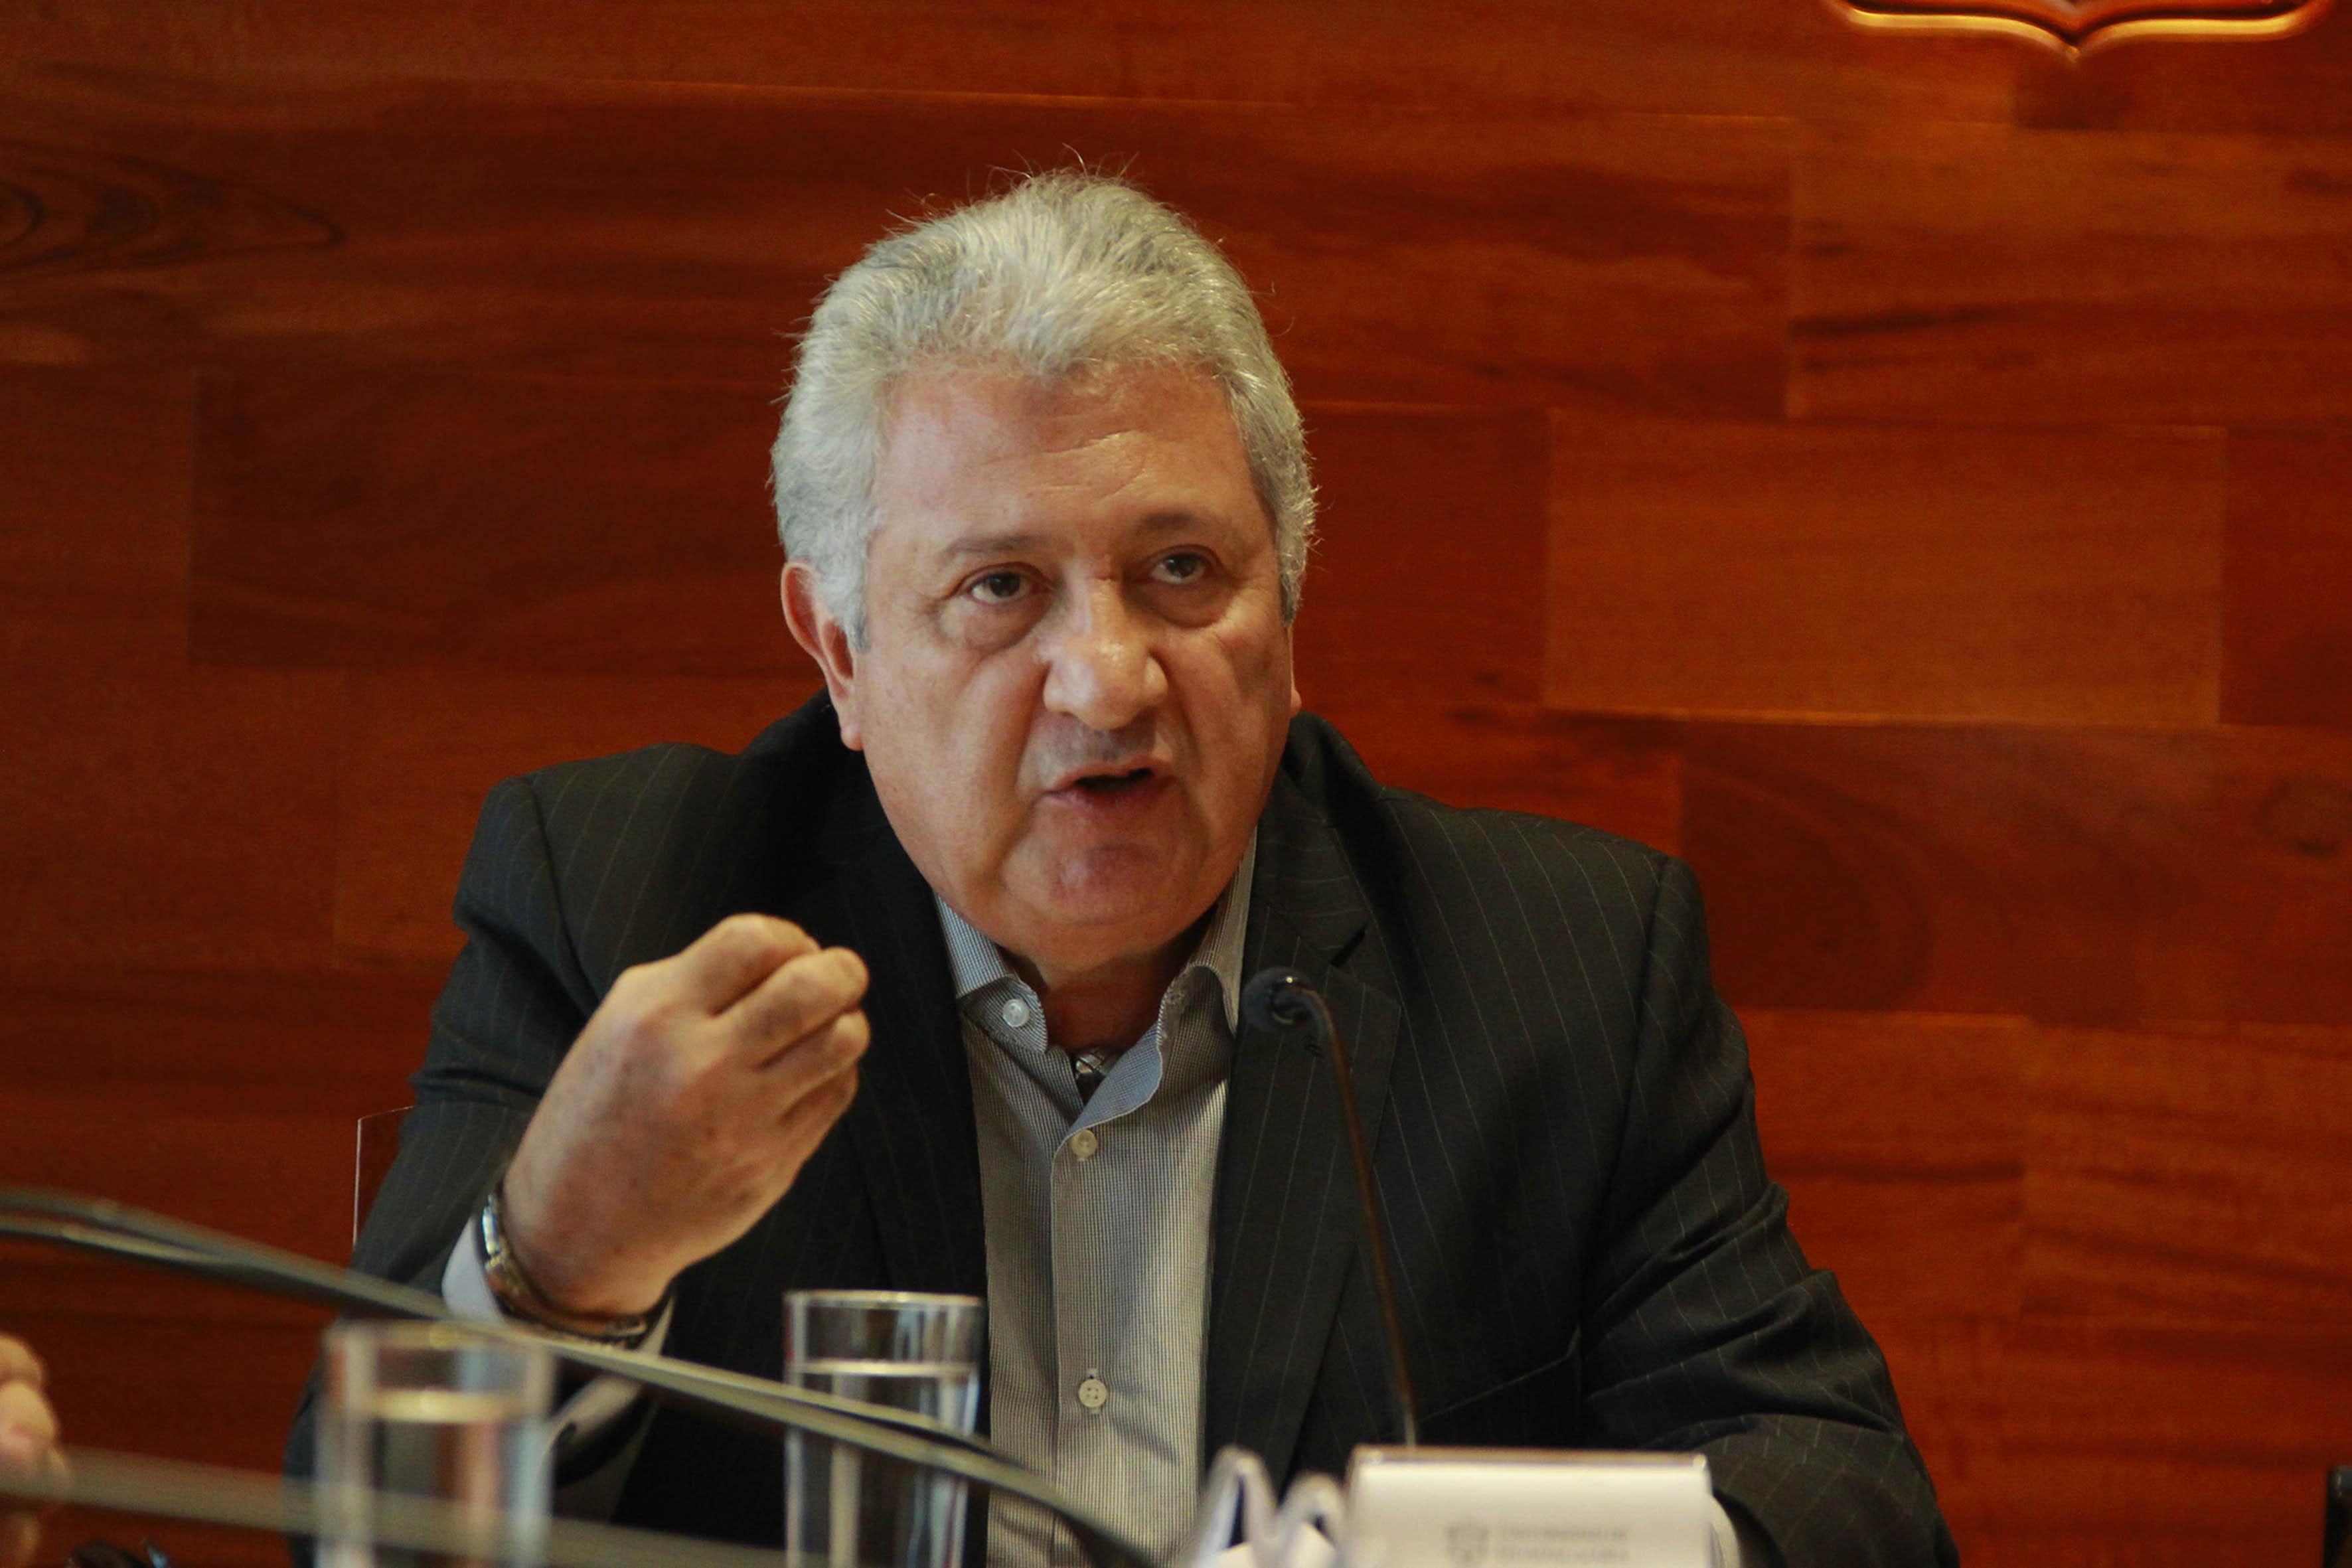 Frente al microfono, el doctor Jorge Villanueva Hernández, presidente de la Asociación de Empresarios de Puerto Vallarta y Bahía de Banderas, A.C